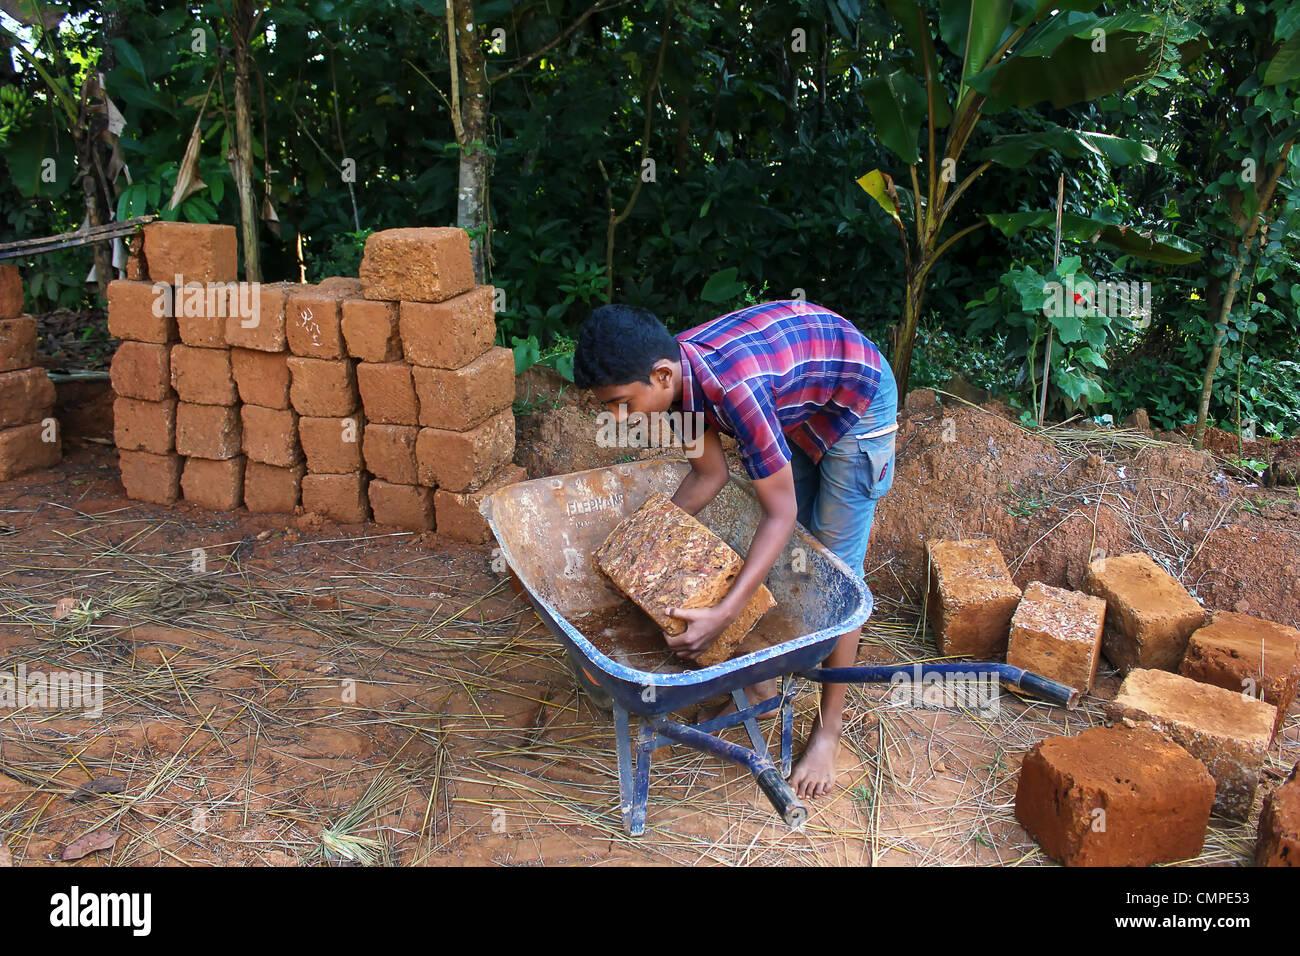 Joven pasando ladrillos en una fábrica de ladrillos de la India, la pobreza, el trabajo infantil, las personas Imagen De Stock